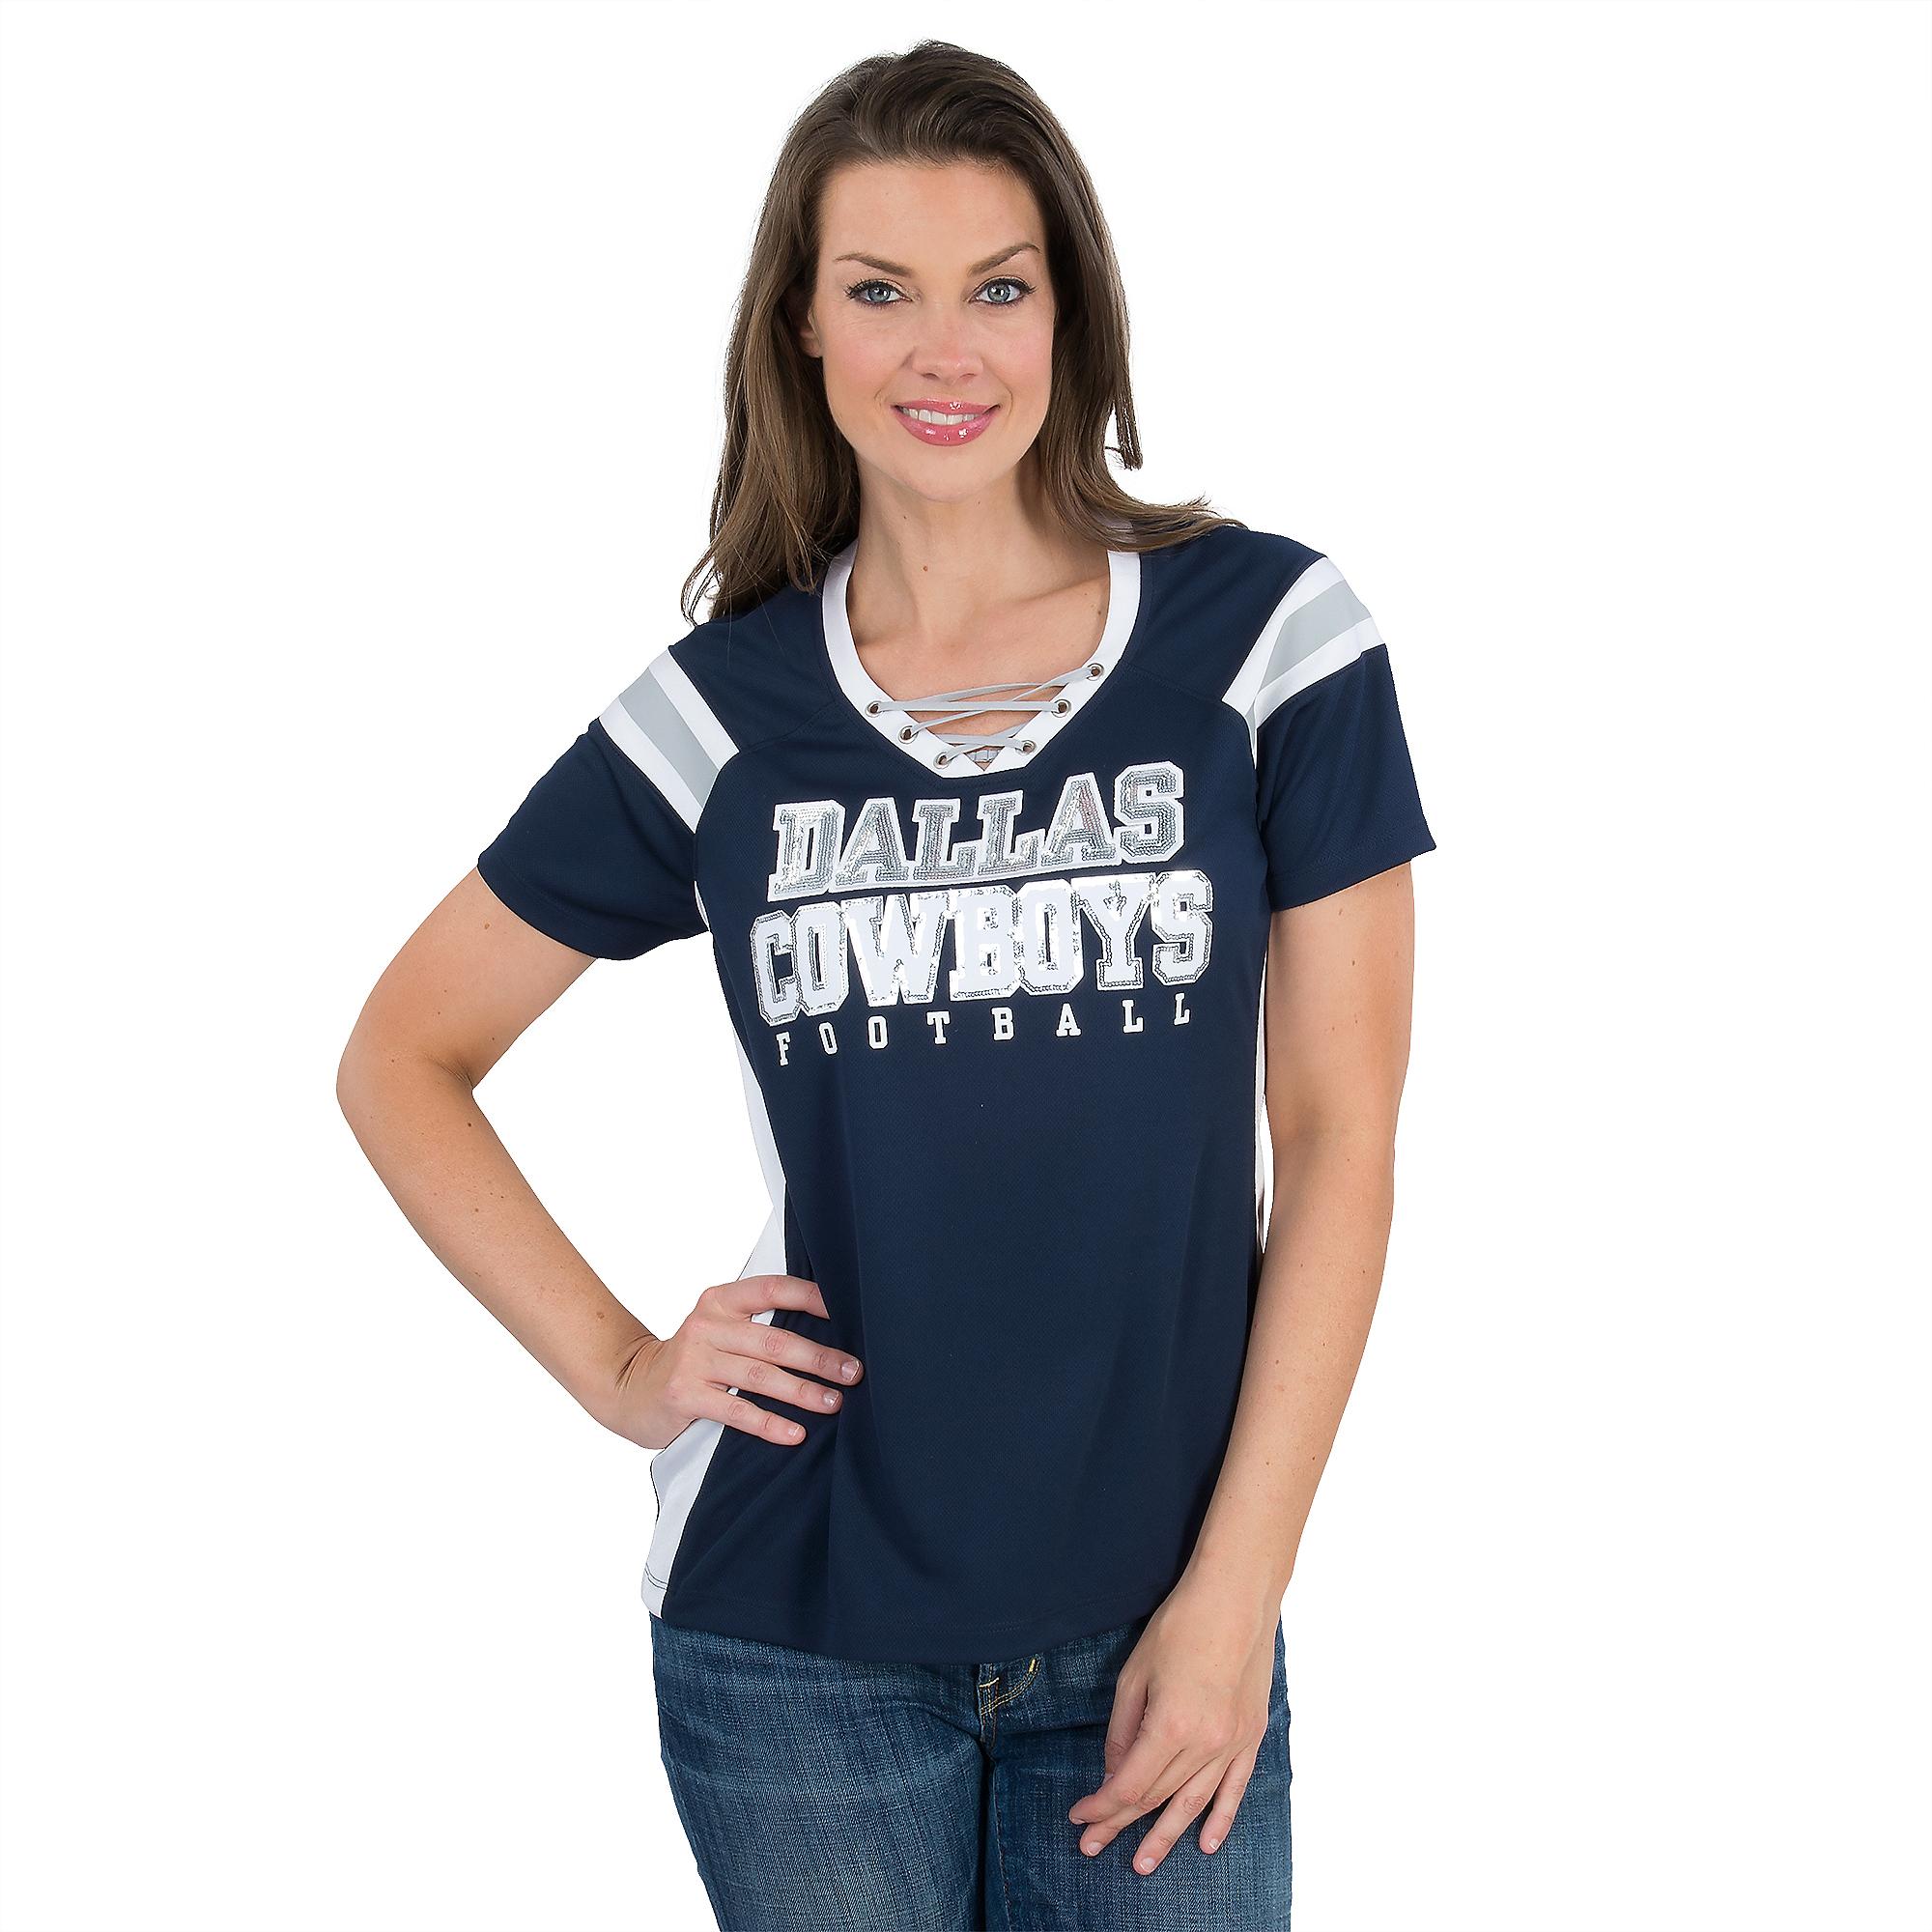 227cc021840 Dallas Cowboys Tammy Jersey | Dallas Cowboys Pro Shop